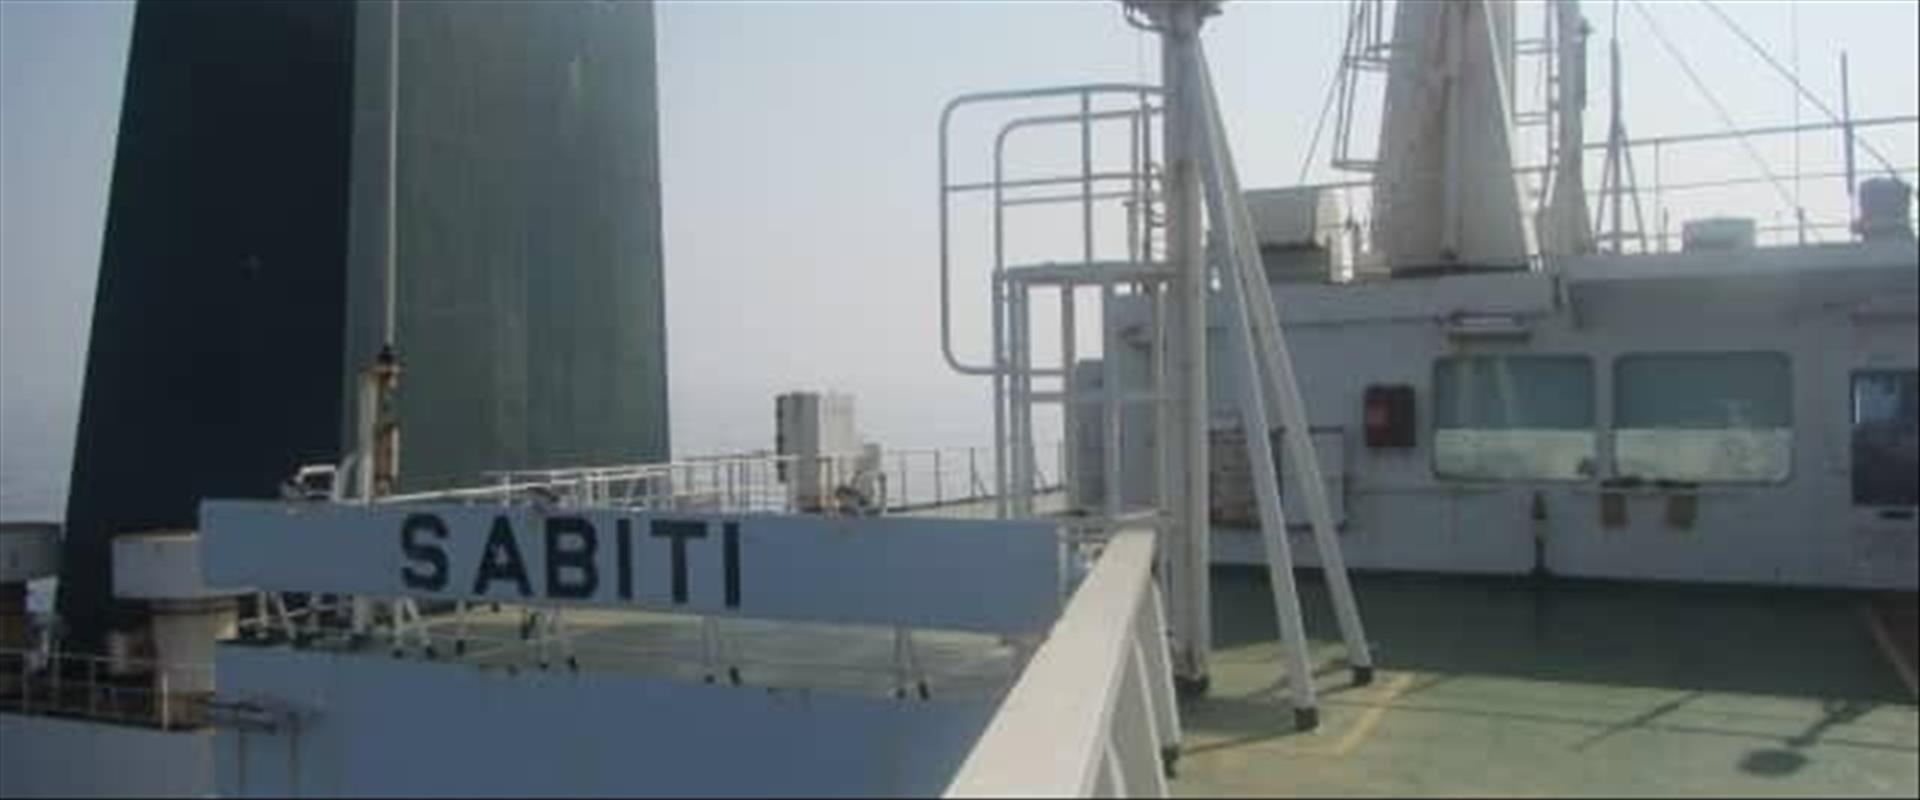 המכלית האיראנית שהותקפה בים האדום